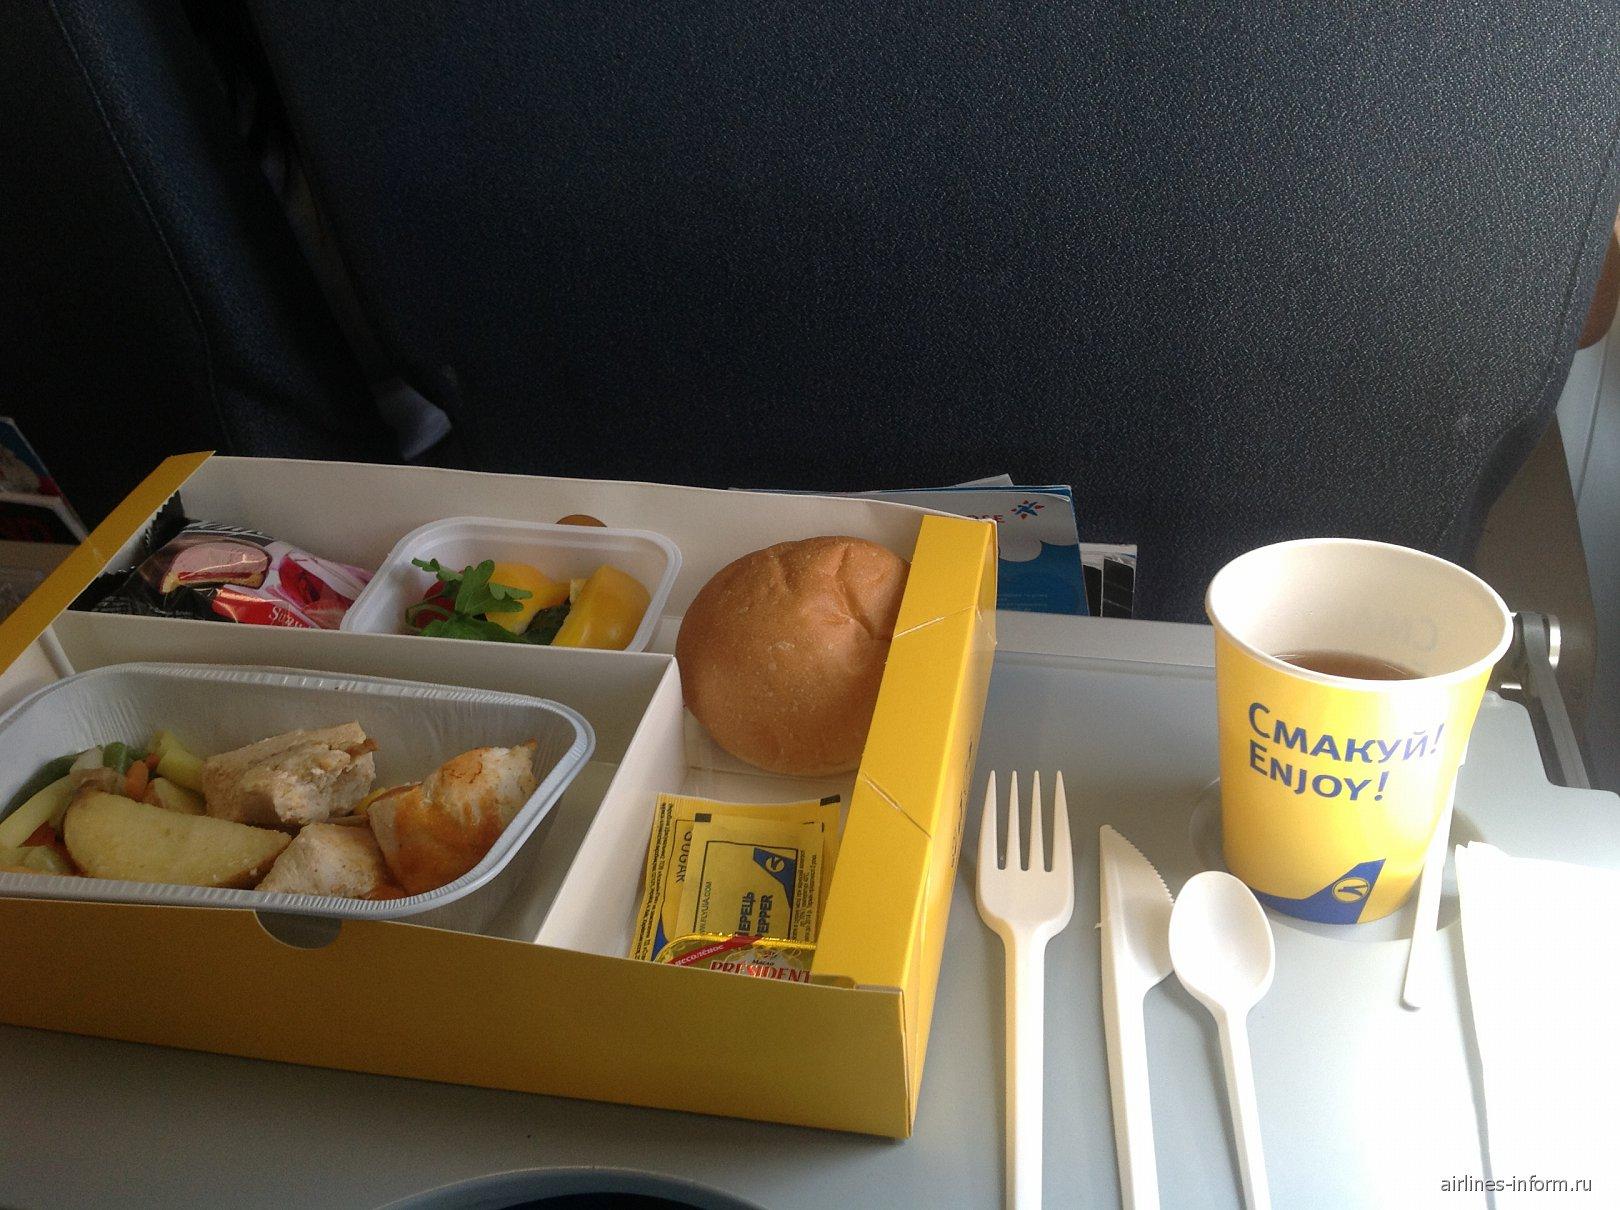 Чартерный рейс Донецк-Анталья